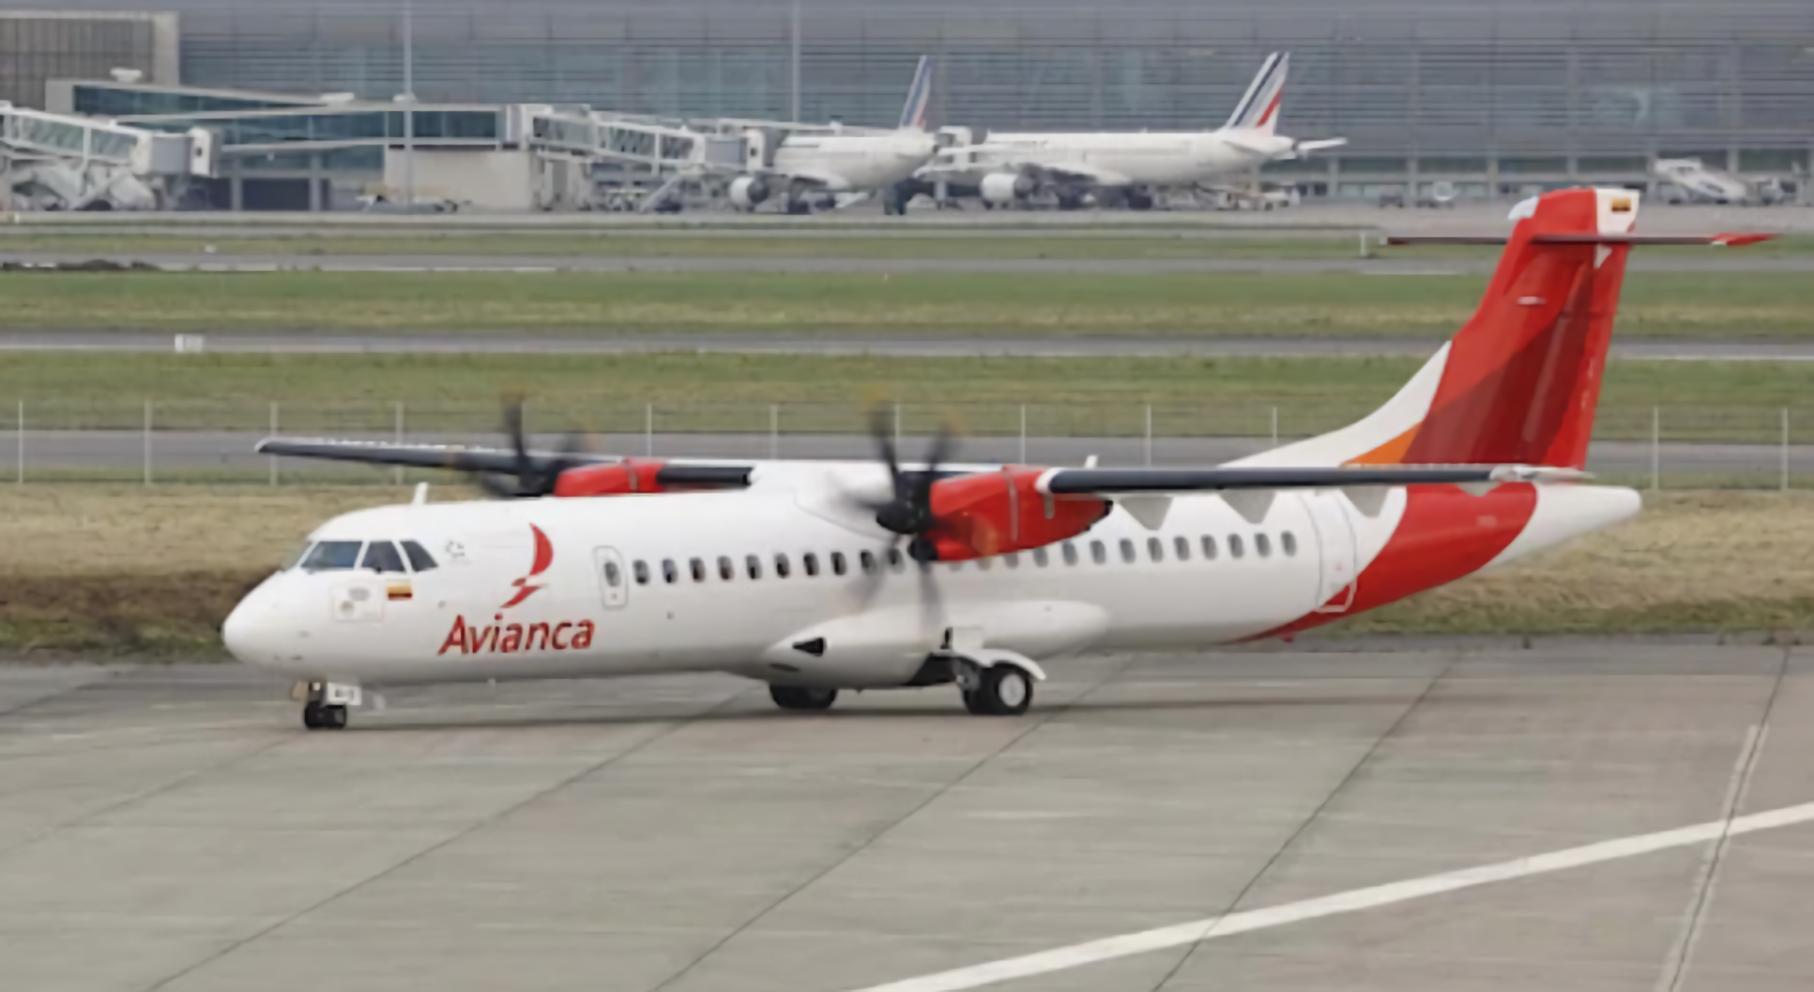 El Heraldo mandó al diablo a Avianca por menospreciar a Barranquilla